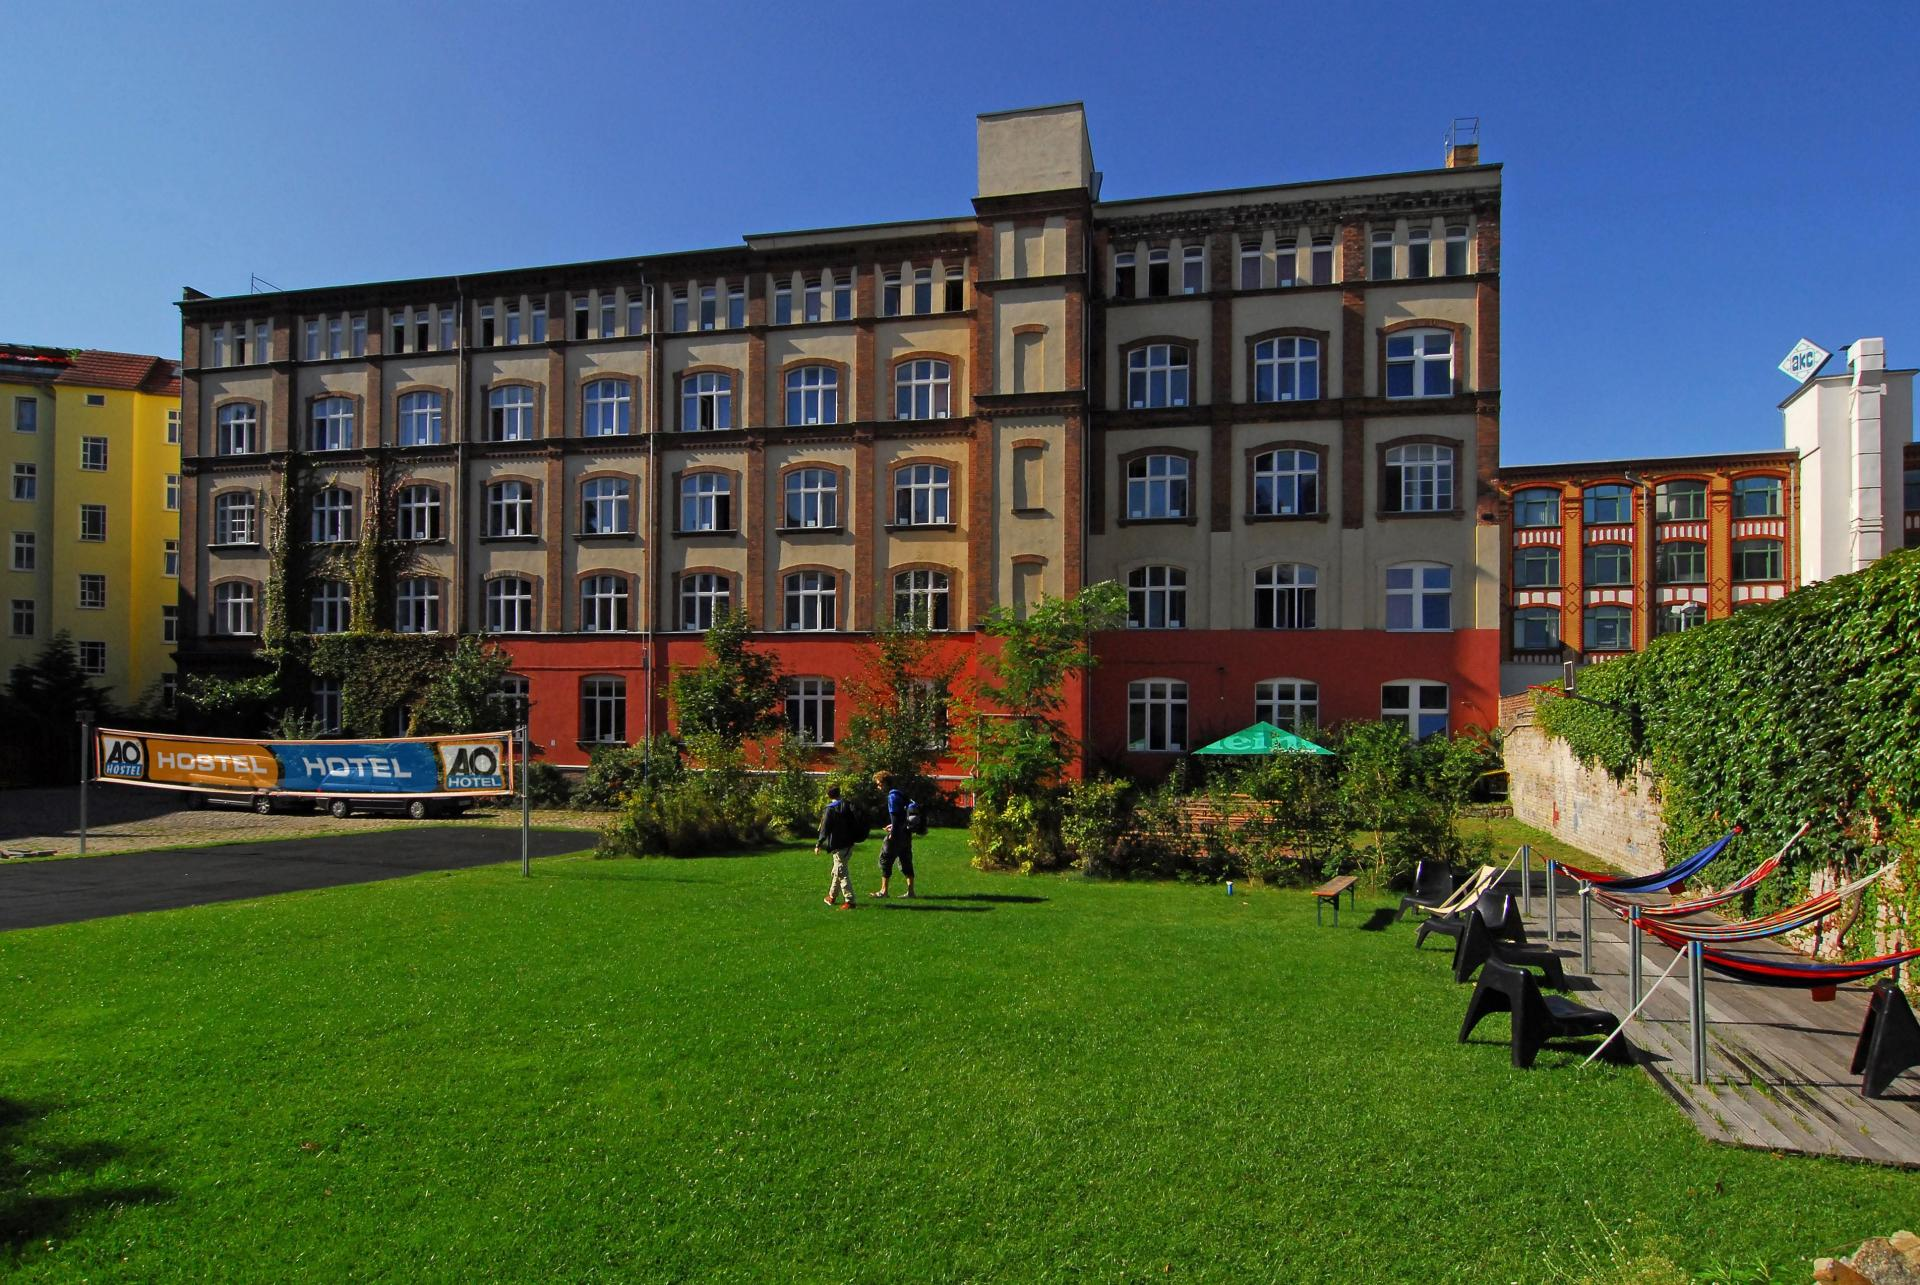 Hostel A&O Berlin Friedrichshain